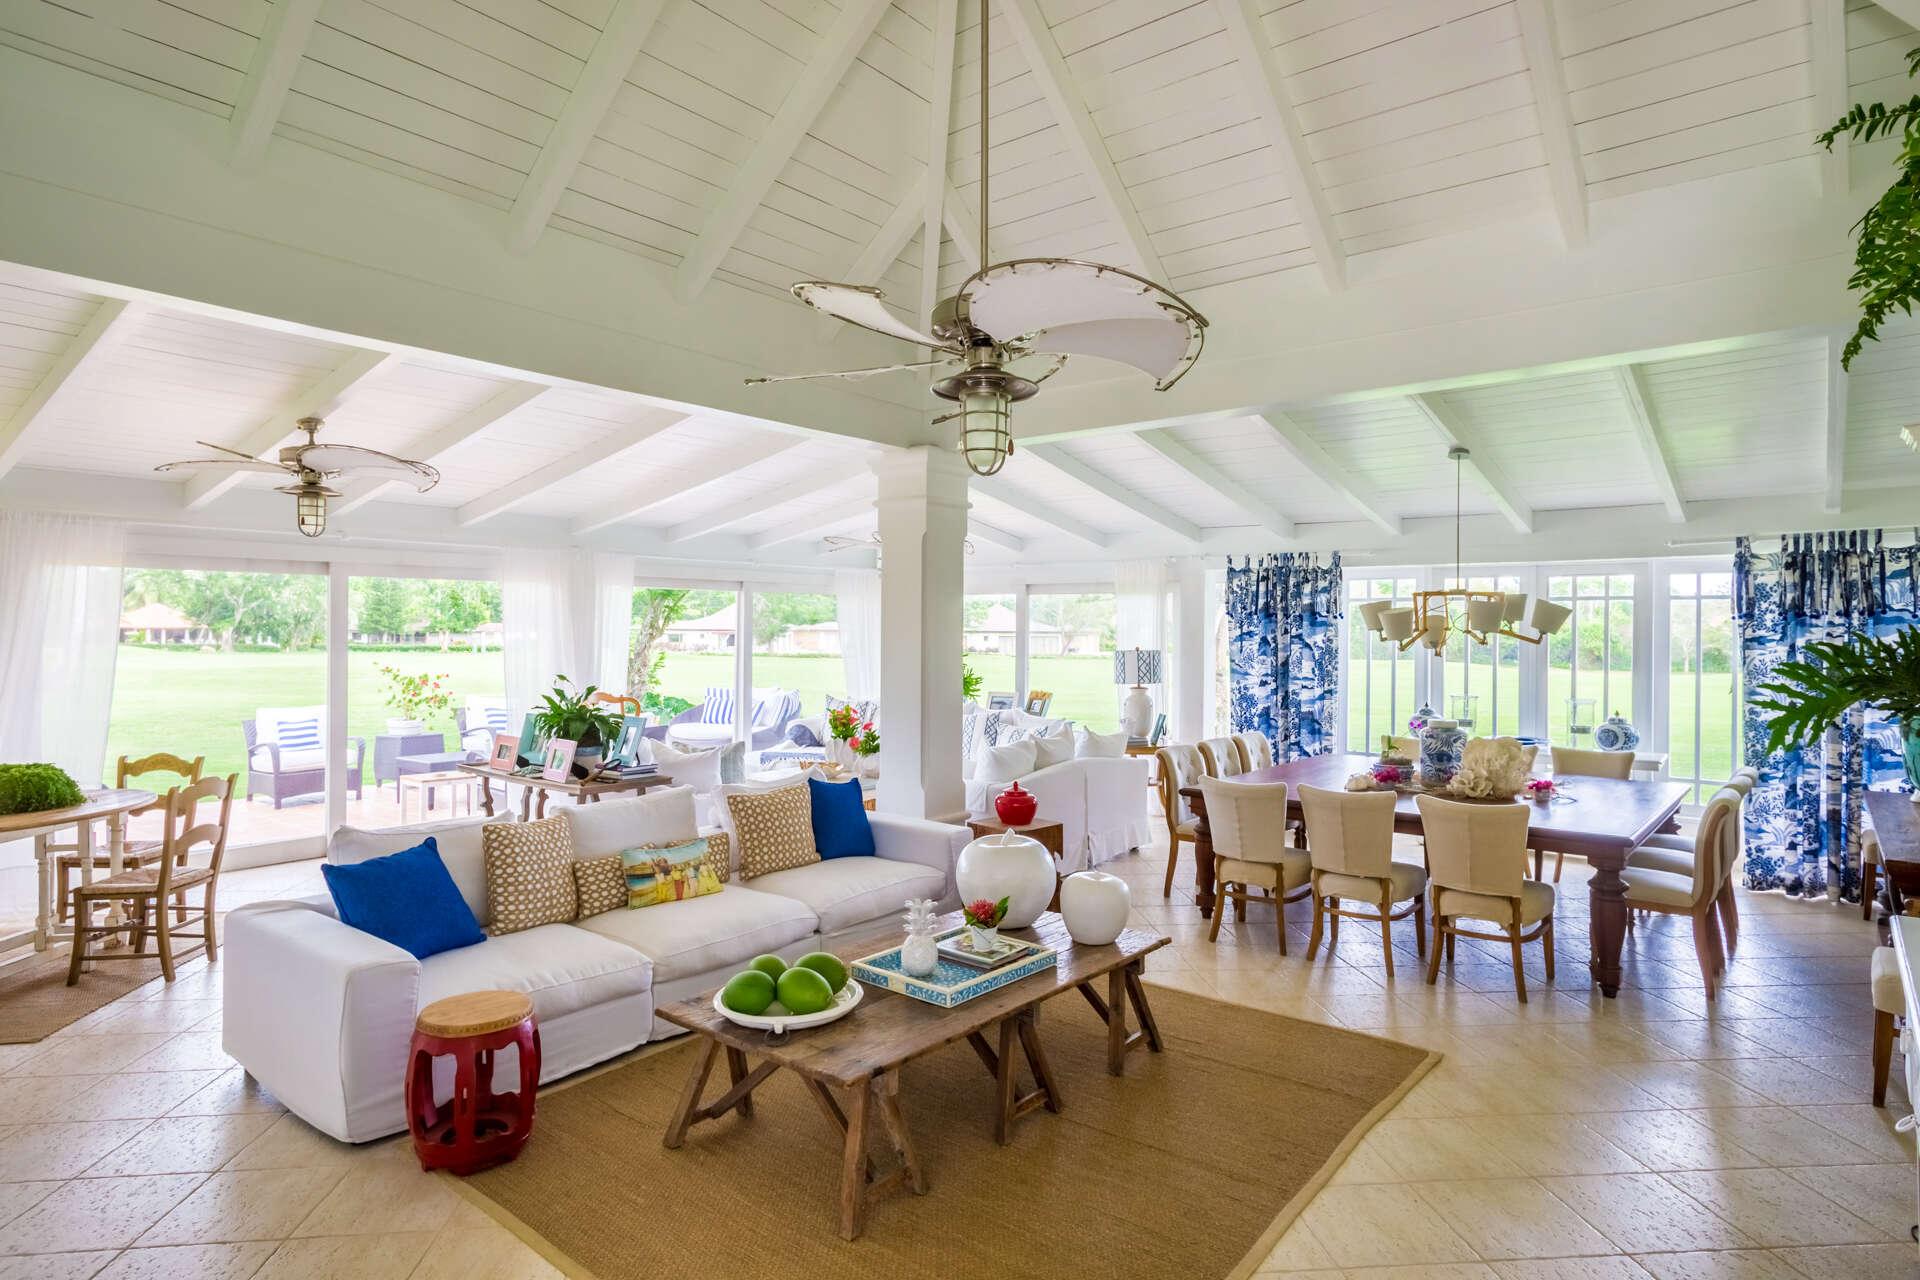 Luxury villa rentals caribbean - Dominican republic - Casa decampo - Golf Villa 152 - Image 1/11